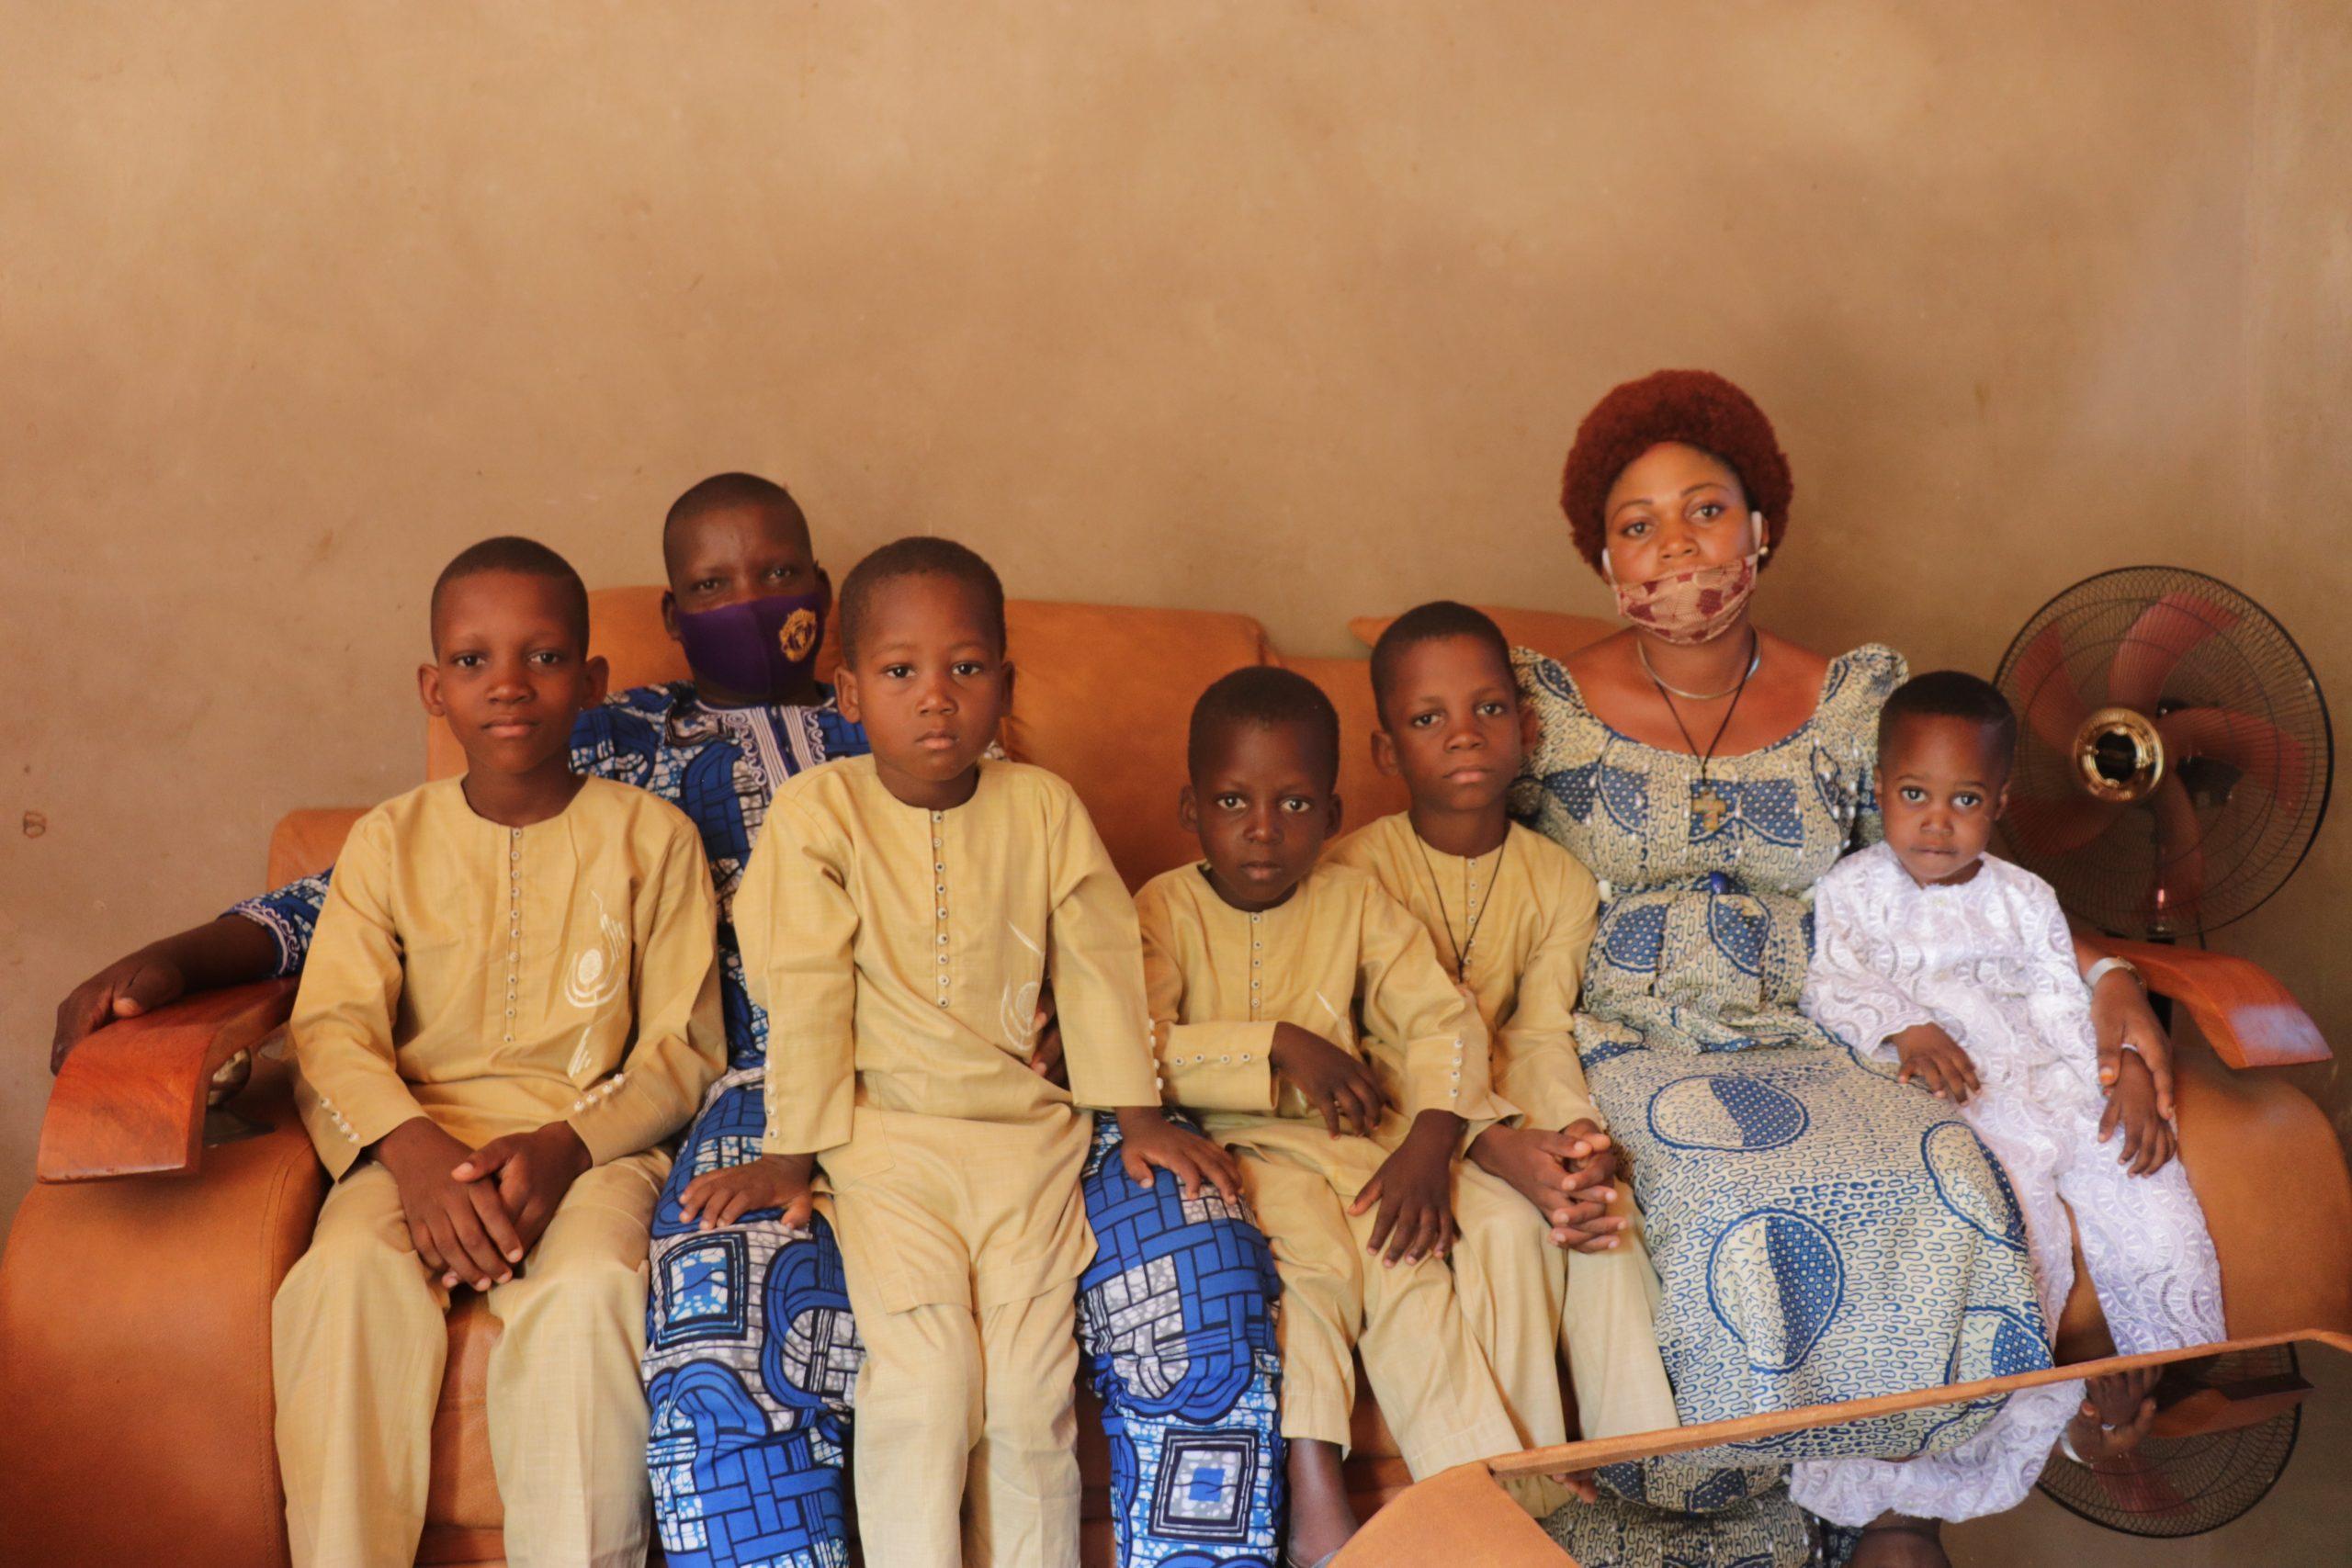 Entrepreneur Virginie Adounon with her family in Bohicon, Benin